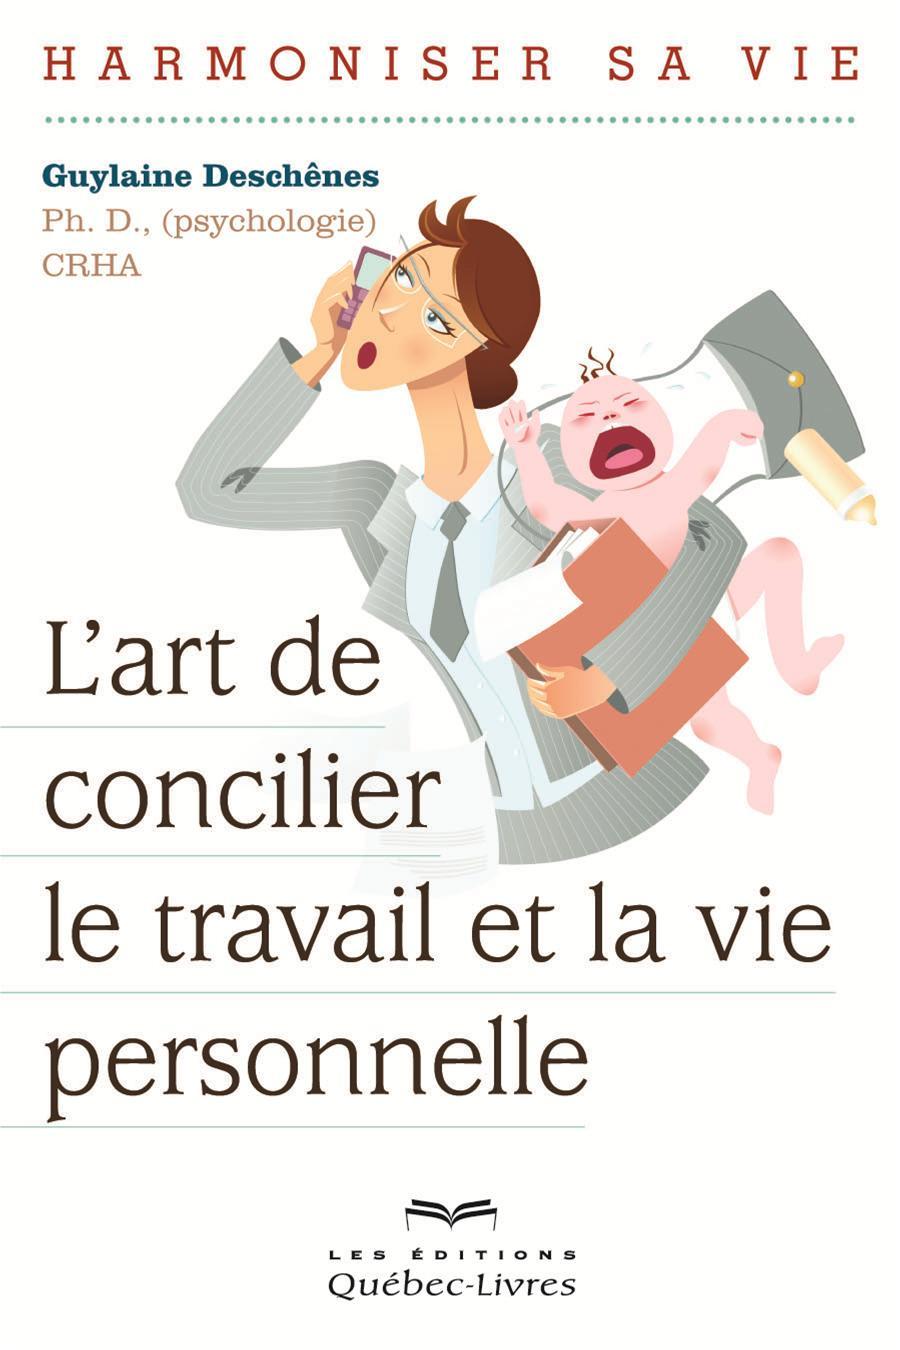 L'art de concilier le travail et la vie personnelle